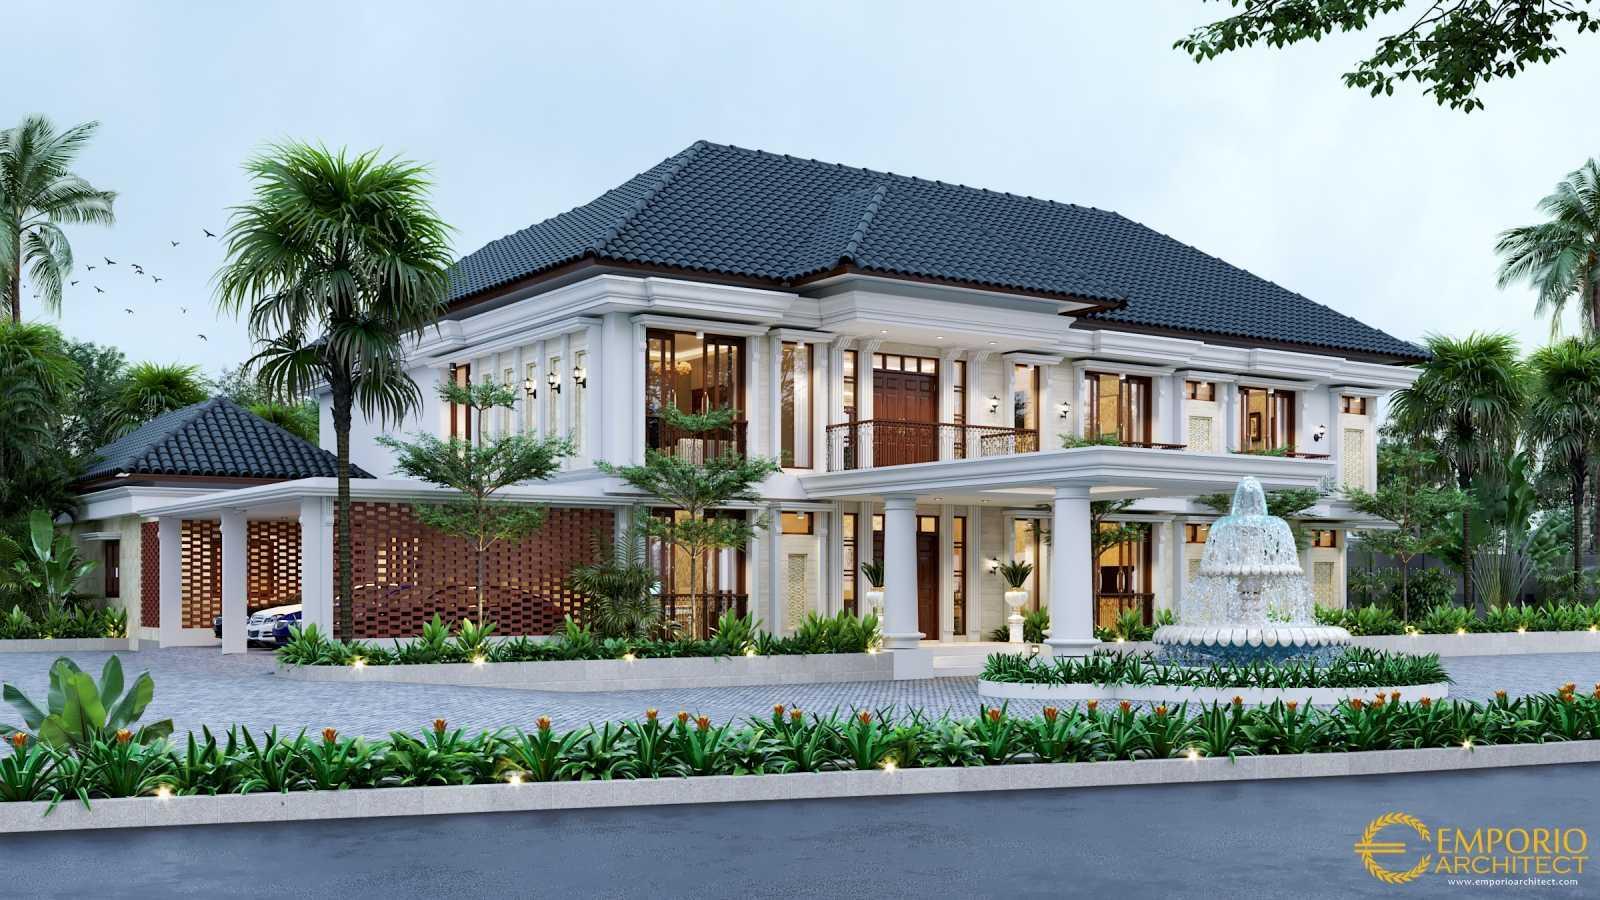 Jasa Arsitek Emporio Architect di Kepulauan Bangka Belitung